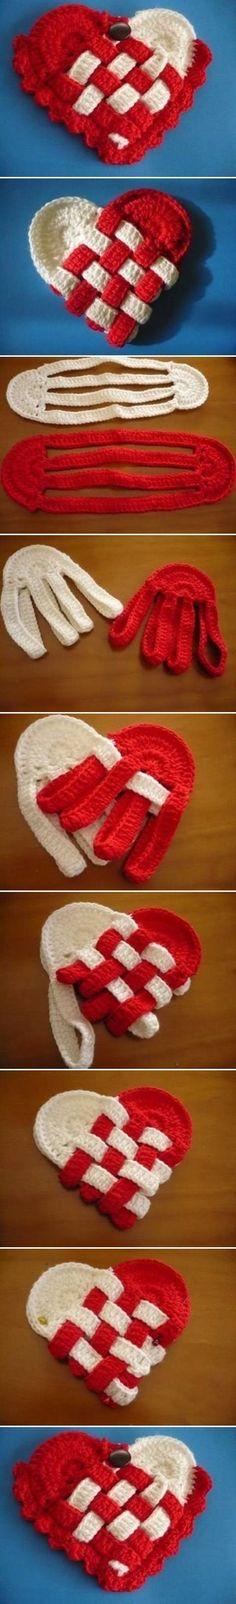 DIY Simple Crochet Heart DIY Simple Crochet Heart by diyforever Stitch Crochet, Crochet Motif, Easy Crochet, Crochet Stitches, Knit Crochet, Crochet Patterns, Heart Diy, Heart Crafts, Magia Do Crochet